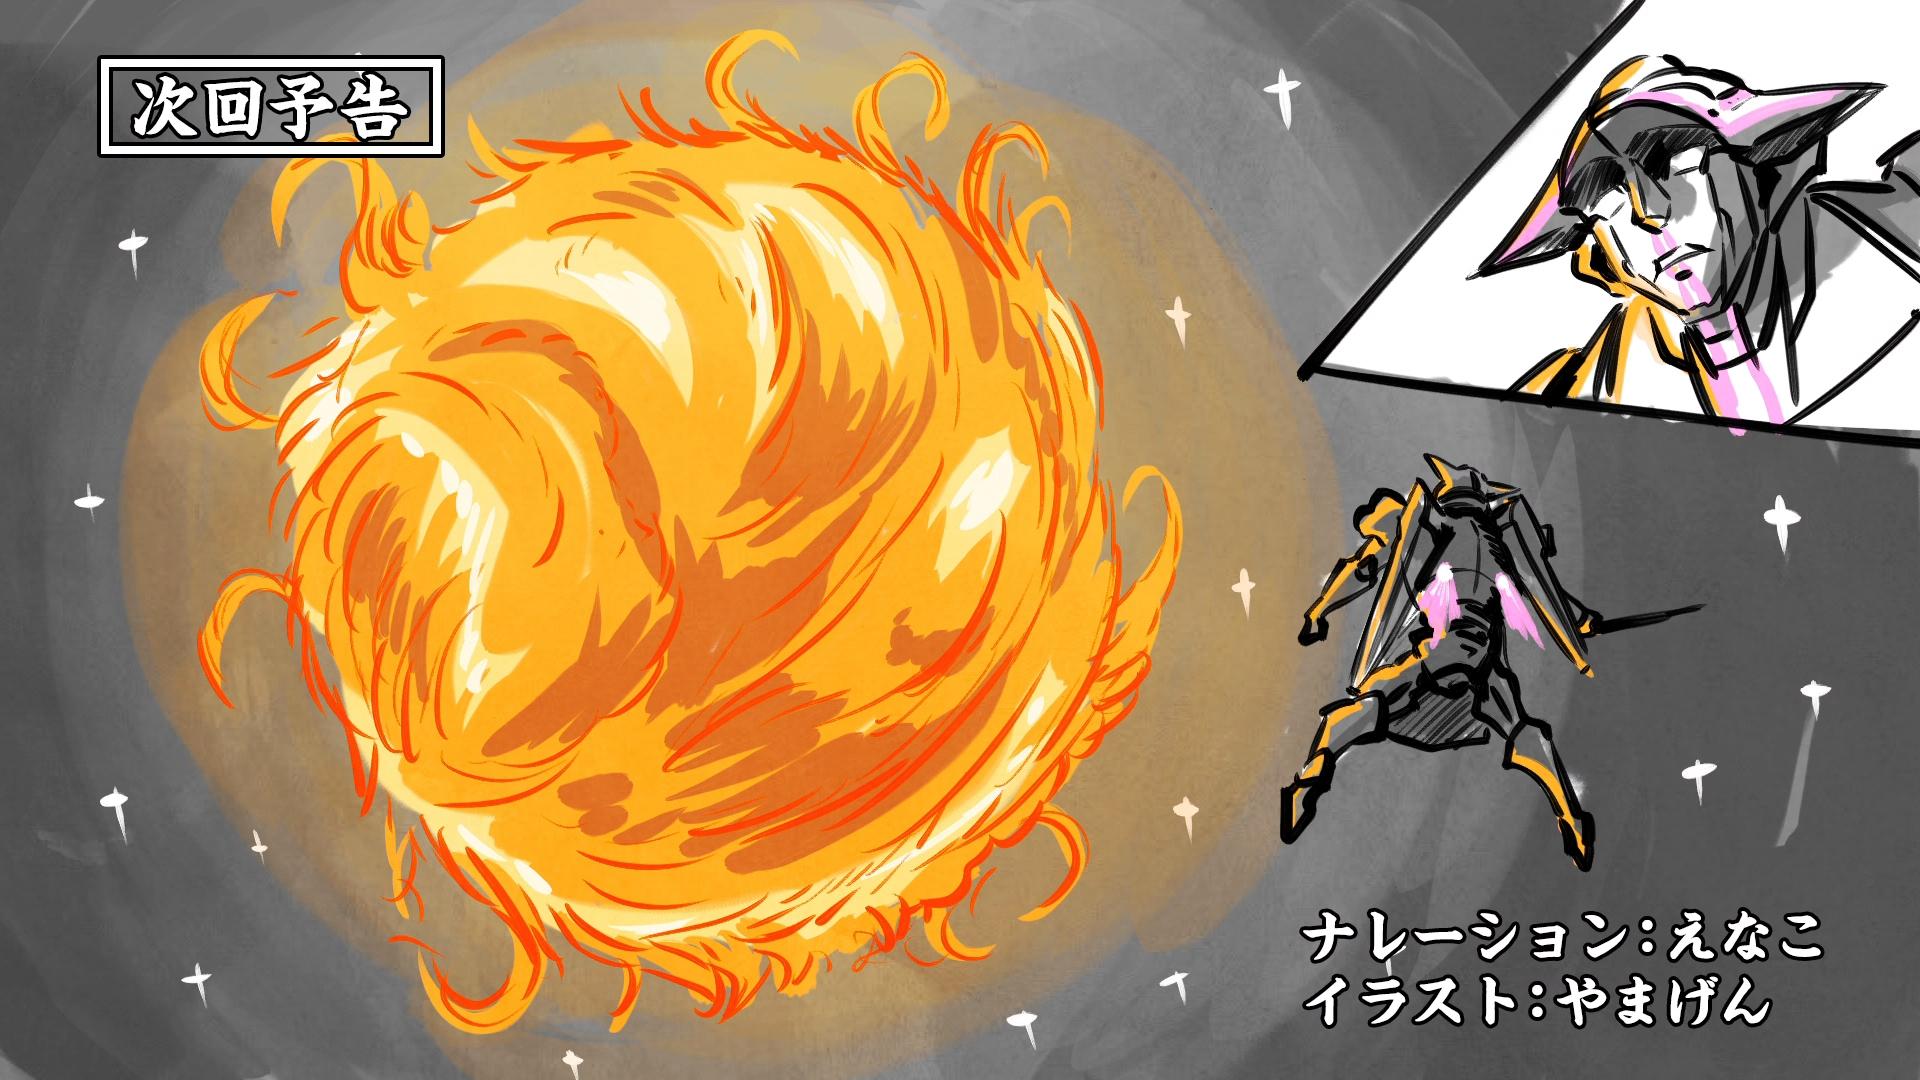 Armor Shop for Ladies & Gentlemen S2 Episode 07 Endcard Yamagen